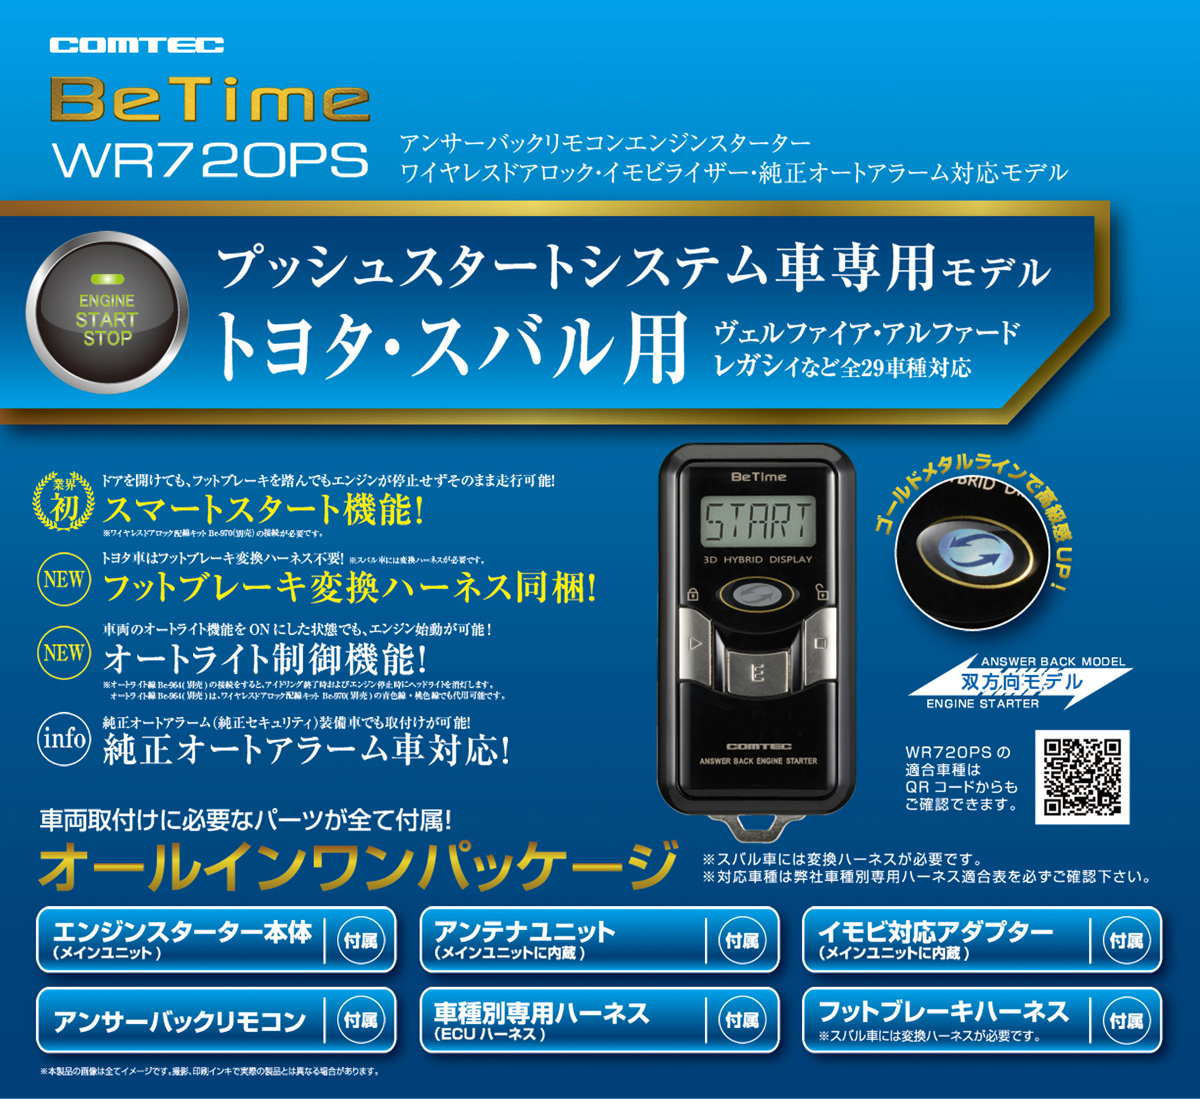 고무테크 COMTEC 엔진 스타터-BeTime WR720PS 토요타/스바루 푸쉬 스타트부차전용 쌍방향 리모콘 엔진 스타터-